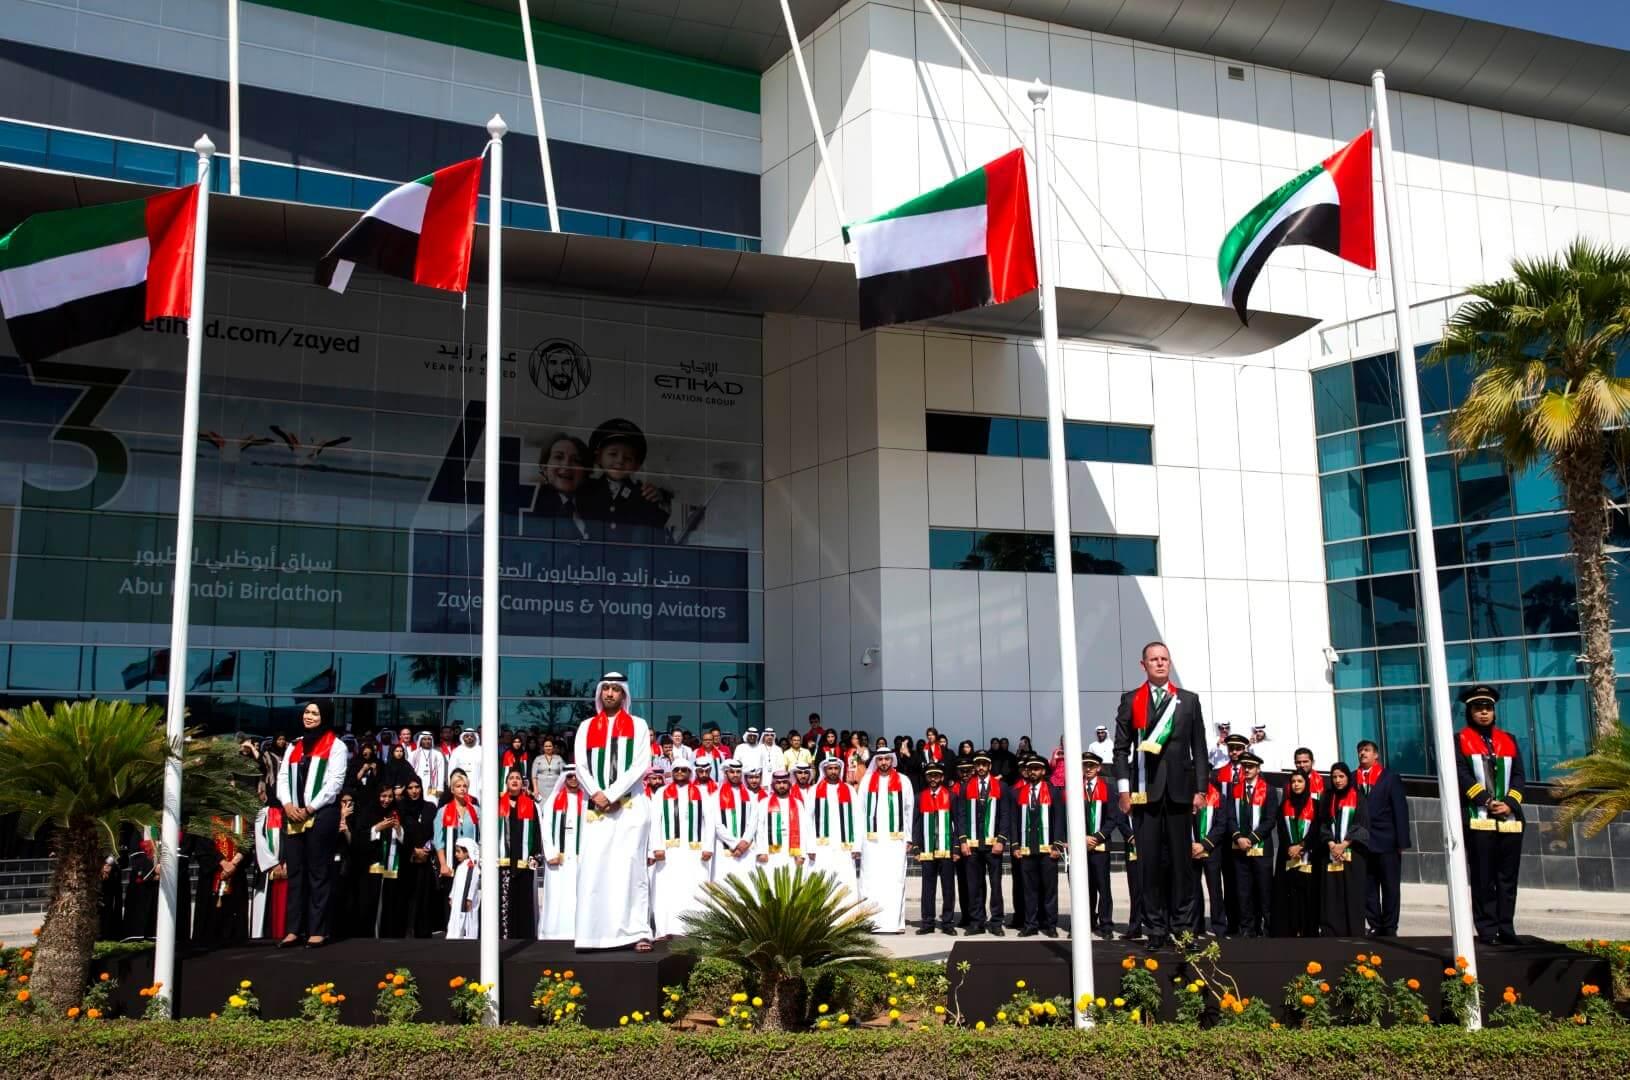 el dia de la bandera de emiratos vivirendubai